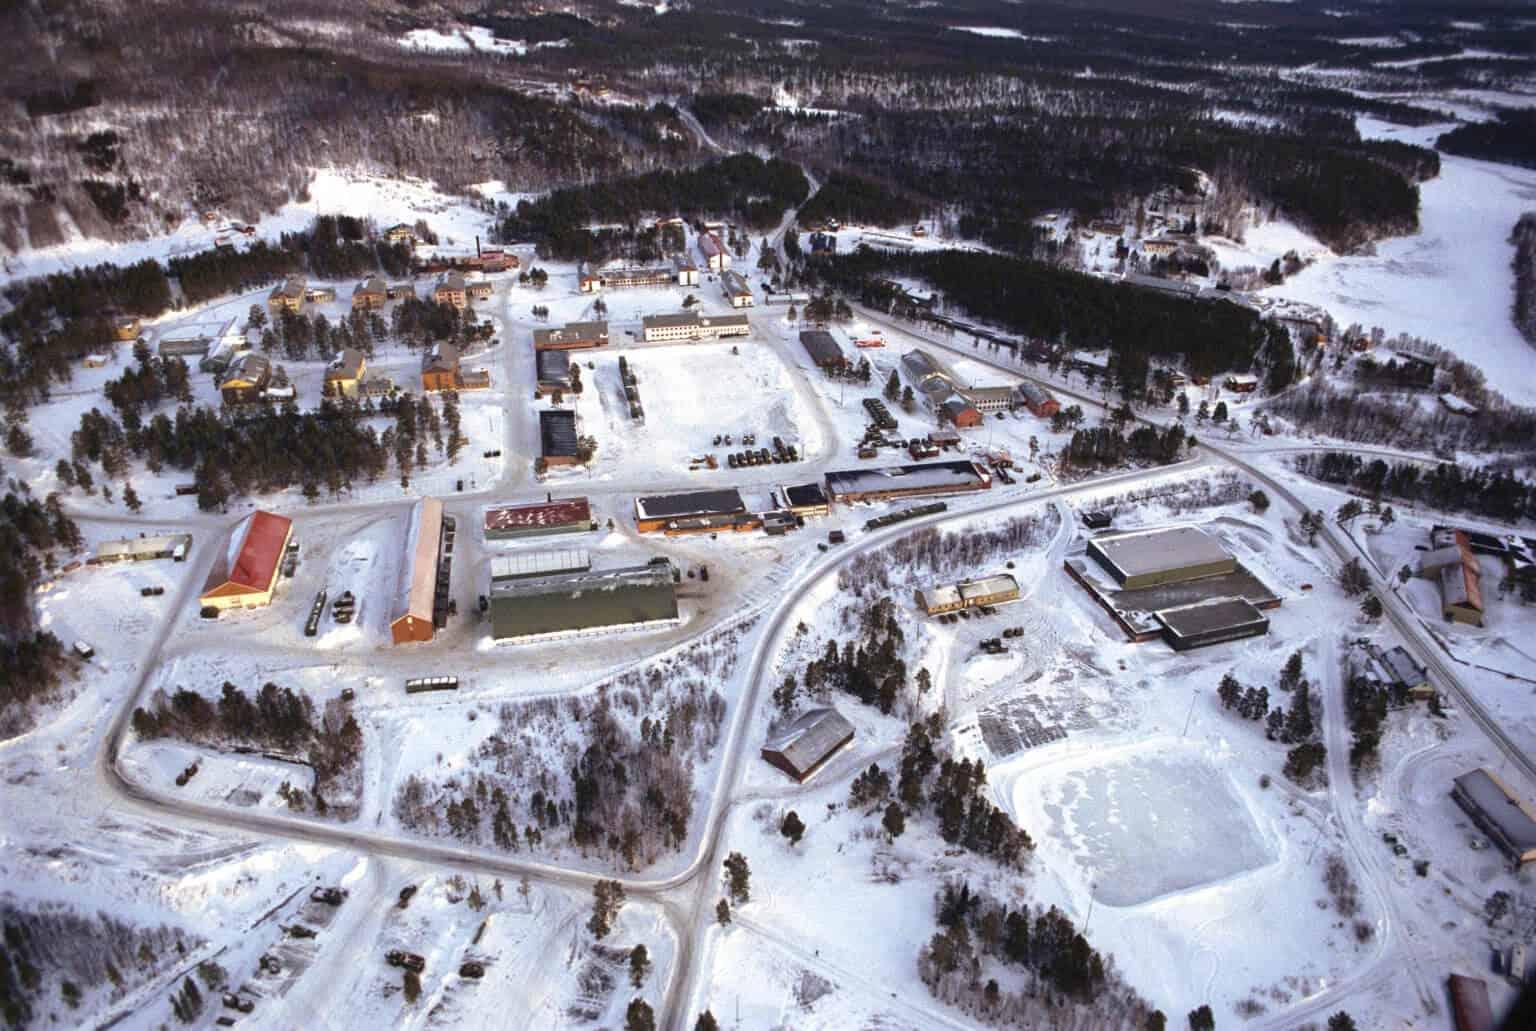 Luftfoto av Skjold garnison. Foto: Forsvaret/Bjørn Harry Schønhaug